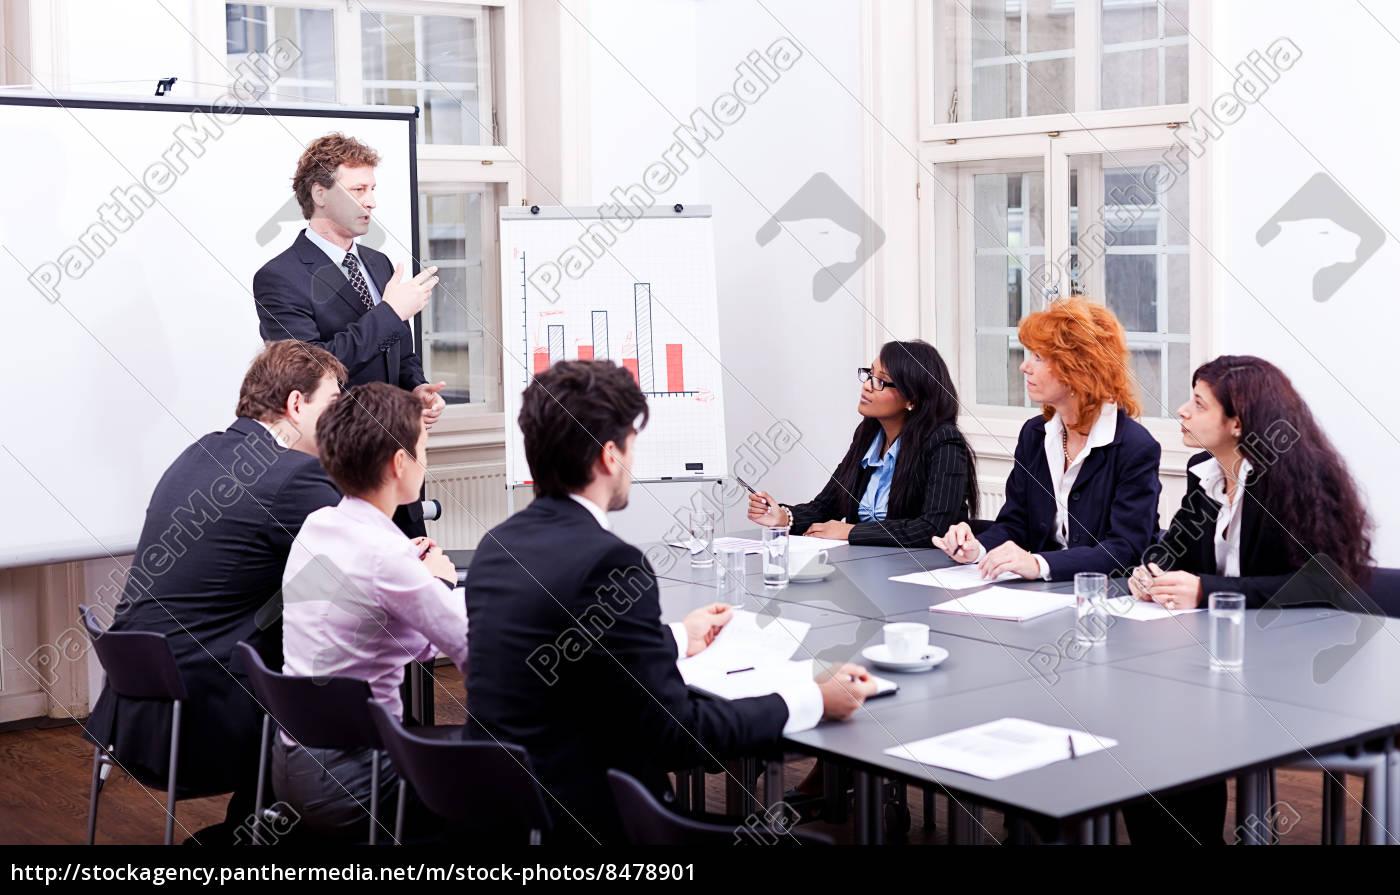 erhvervsfolk, på, et, bord, i, en - 8478901